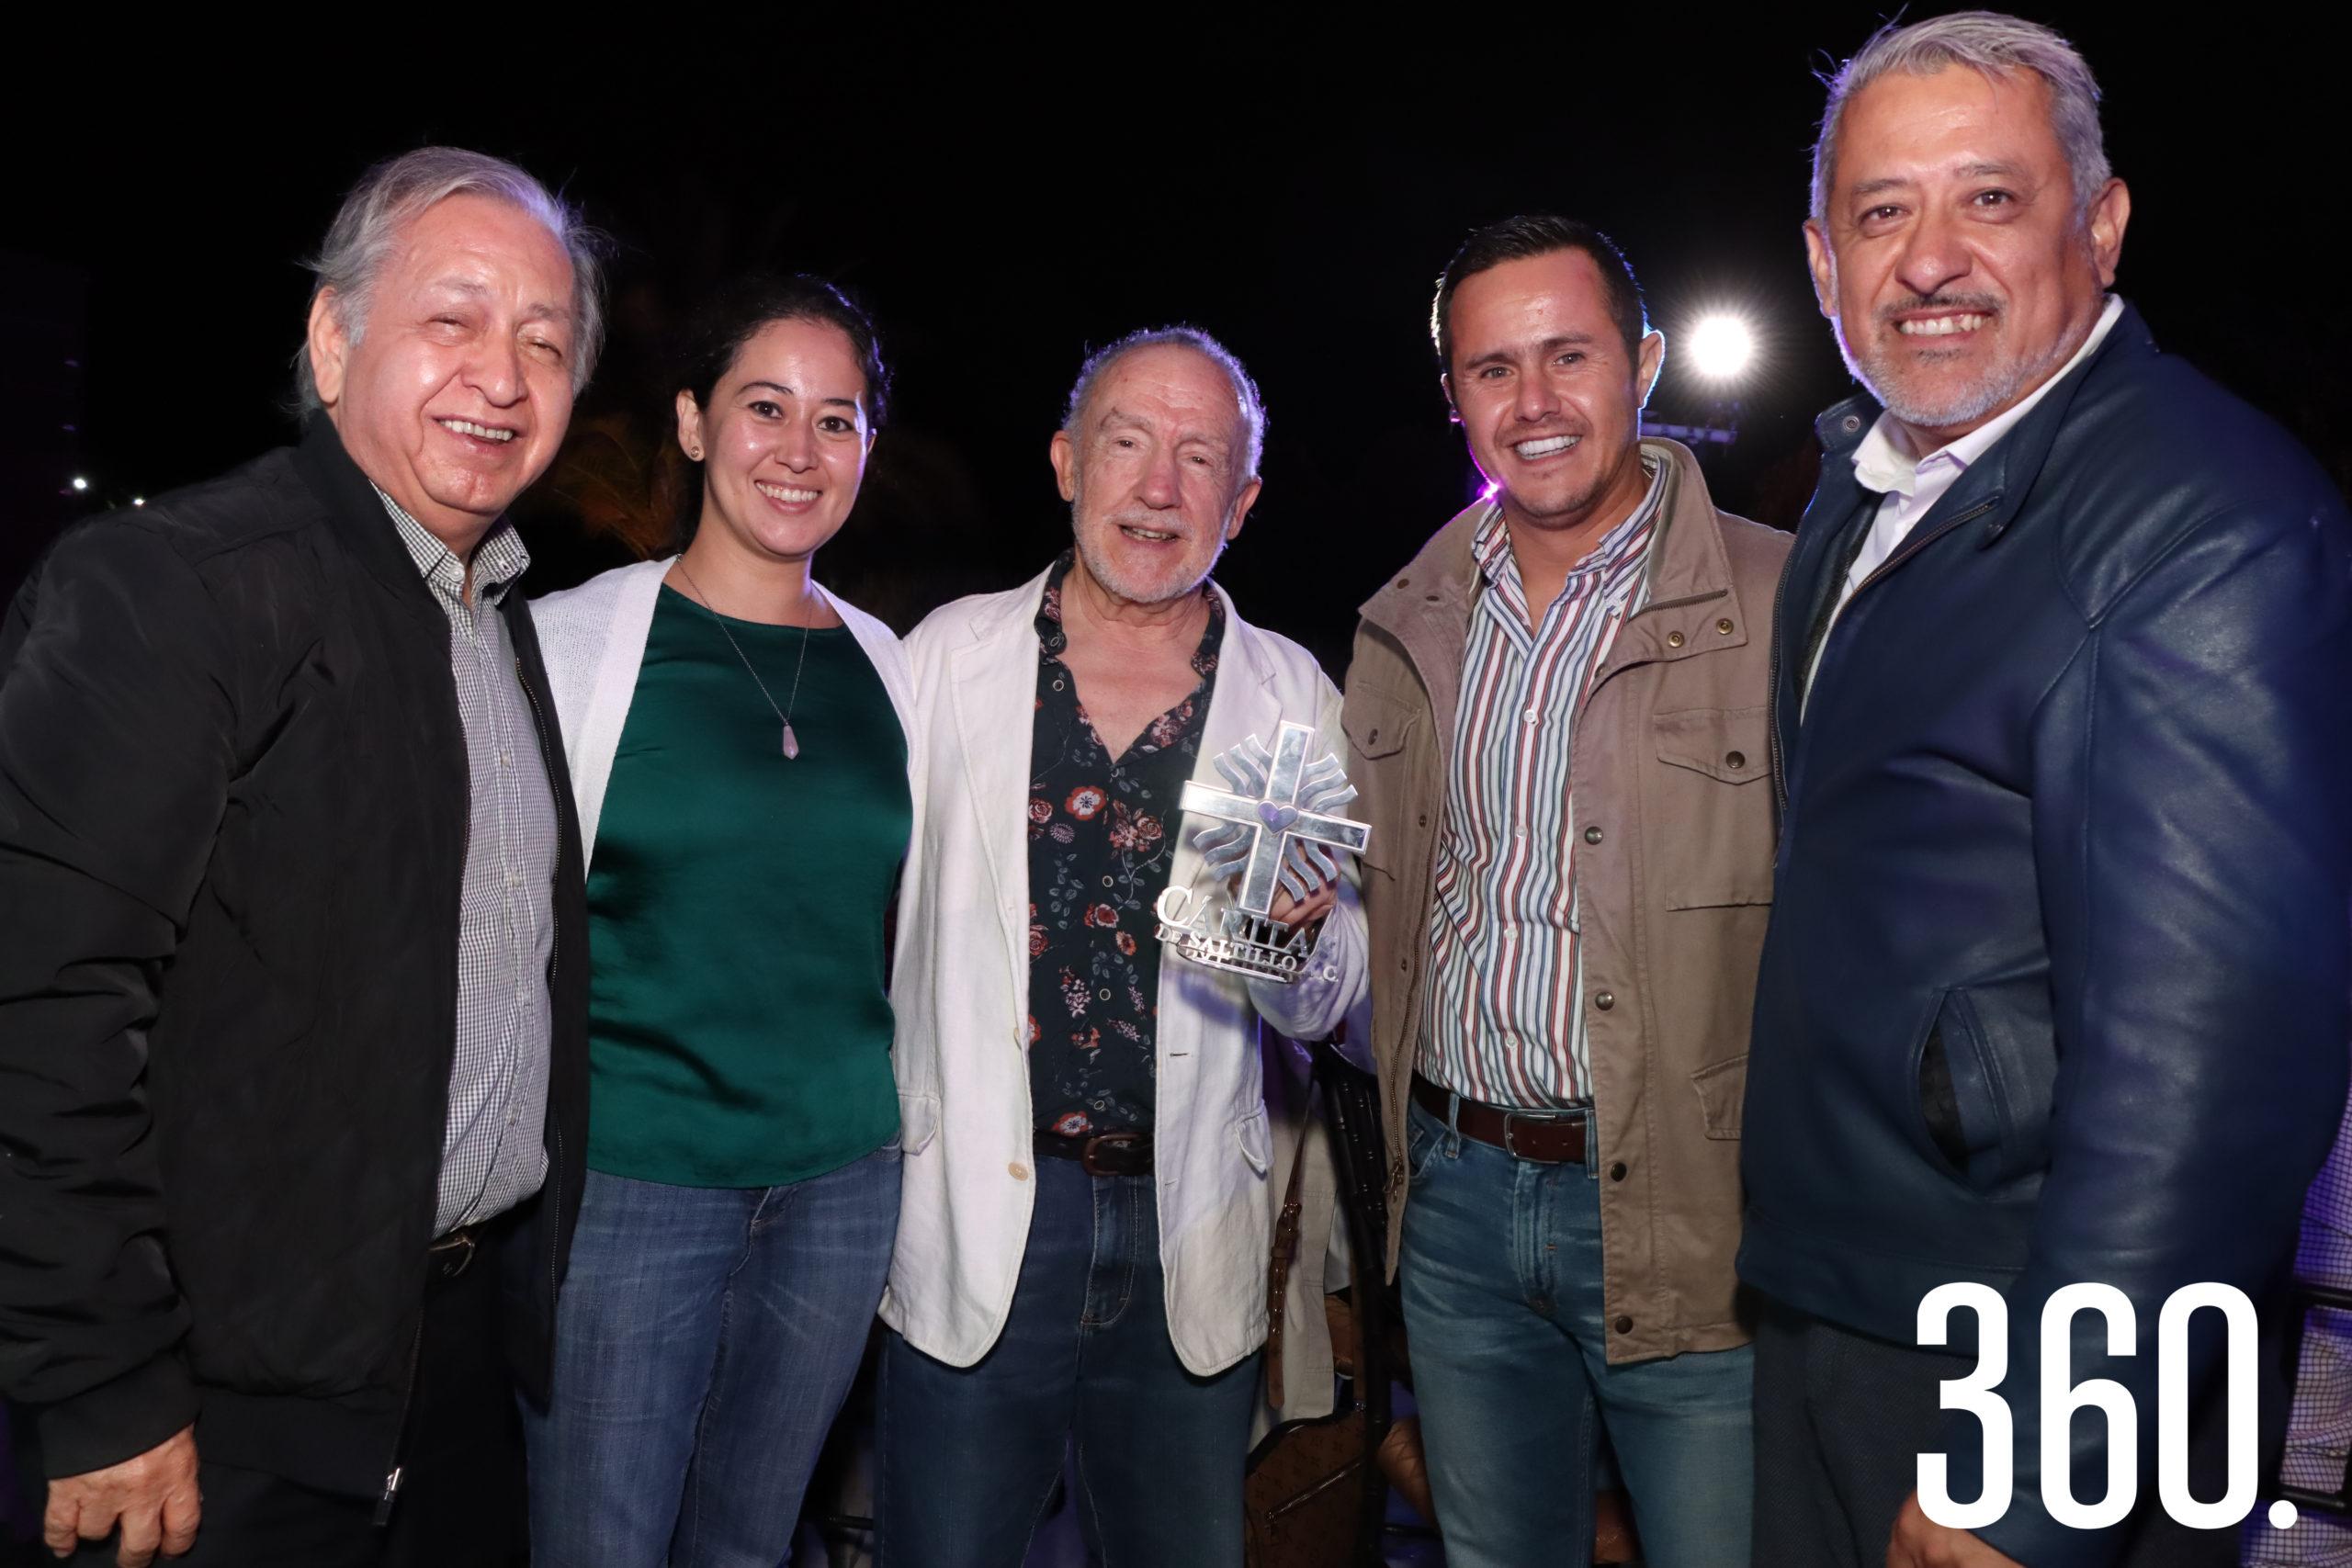 Los consejeros de Cáritas de Saltillo Marco Barraza, Gloria Hernández Sáenz, César Iván Moreno y Alejandro Gómez entregaron un reconocimiento a Rodolfo Arizpe Sada por su apoyo a Cáritas de Saltillo.